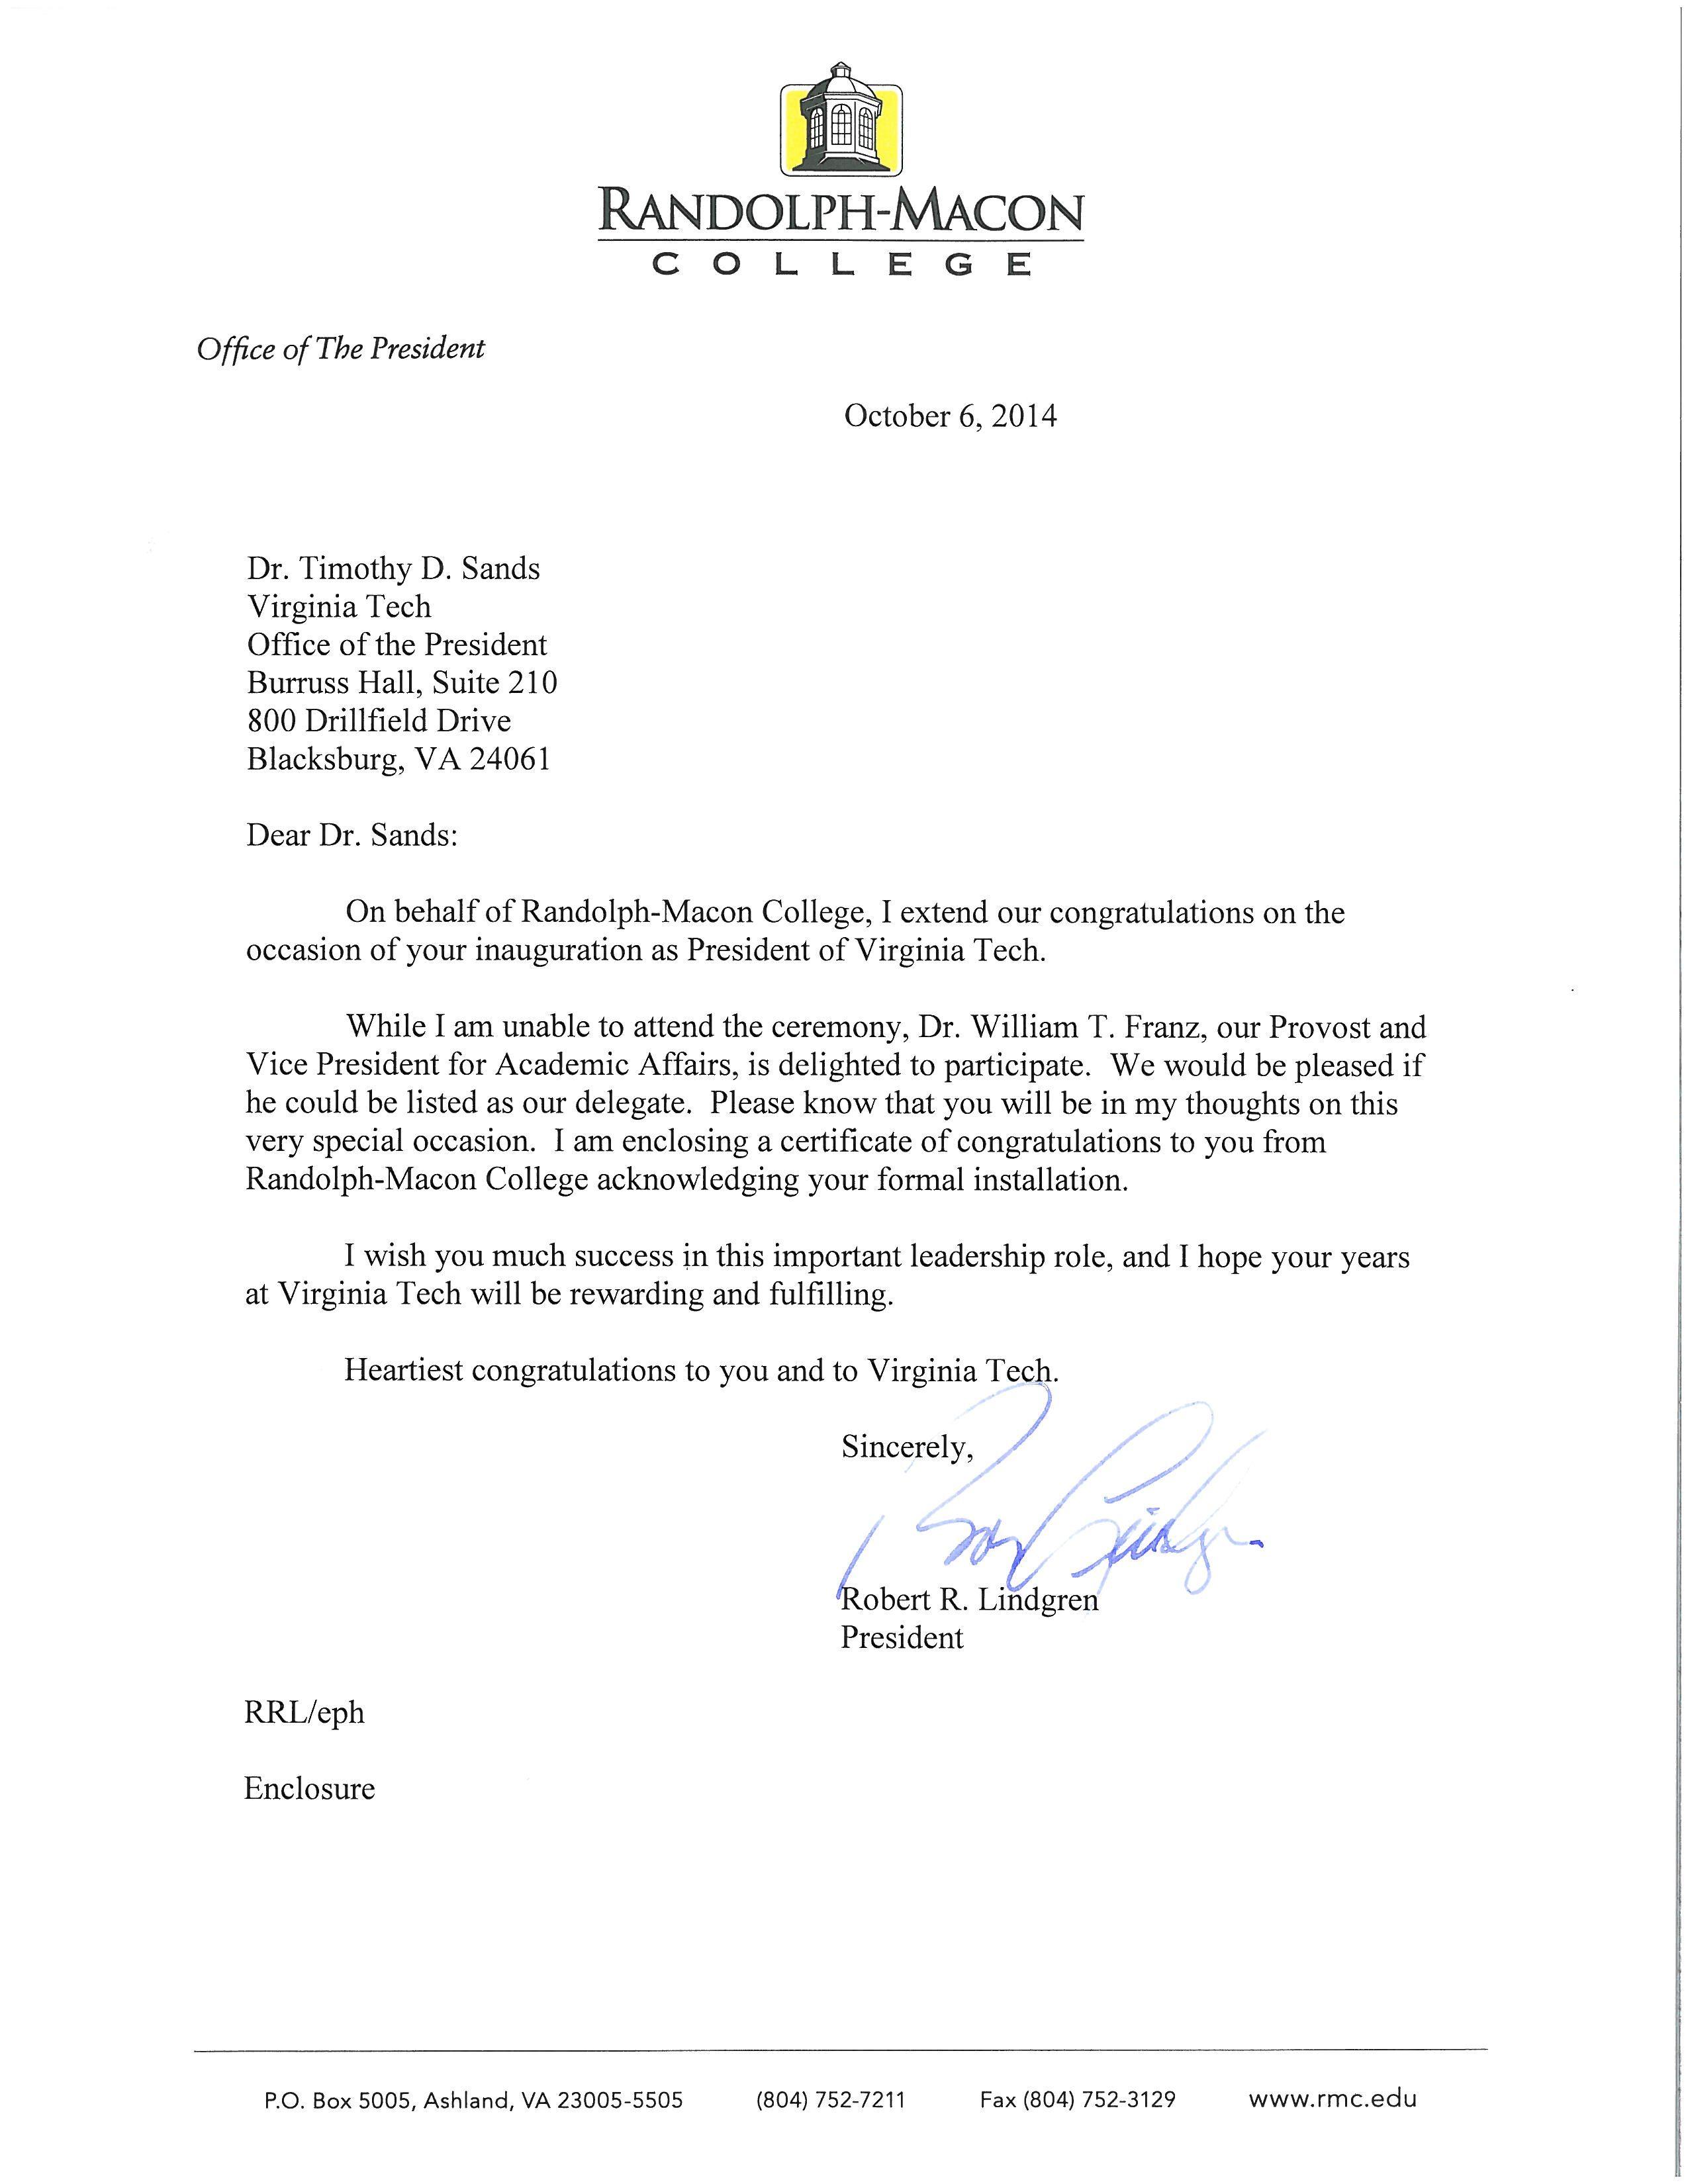 Letter from Randolph Macon College President Robert R Lindgren